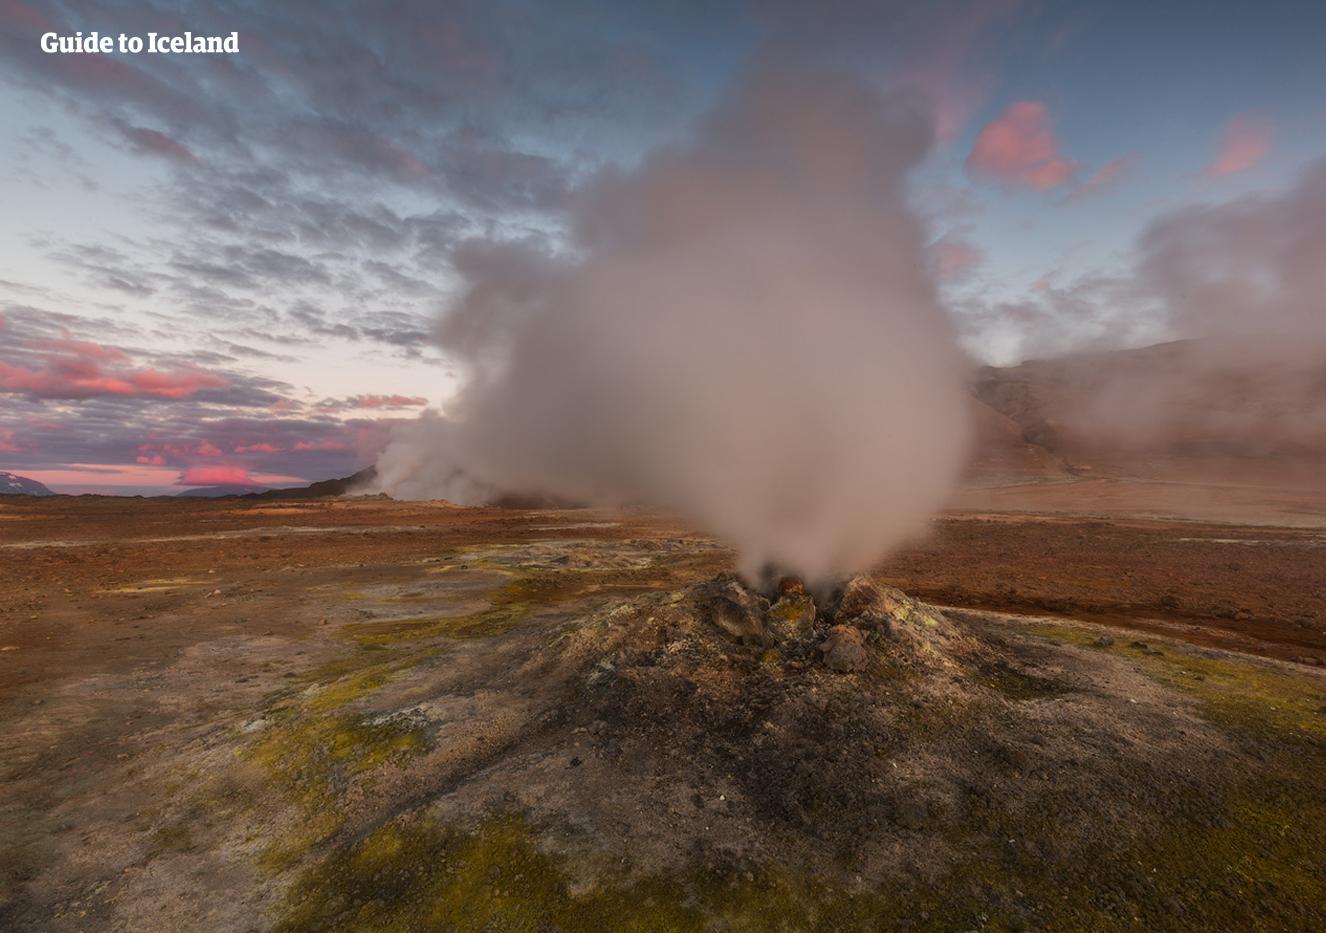 Damp stiger opp fra bakken i det geotermiske området Námaskarð nær innsjøen Mývatn.